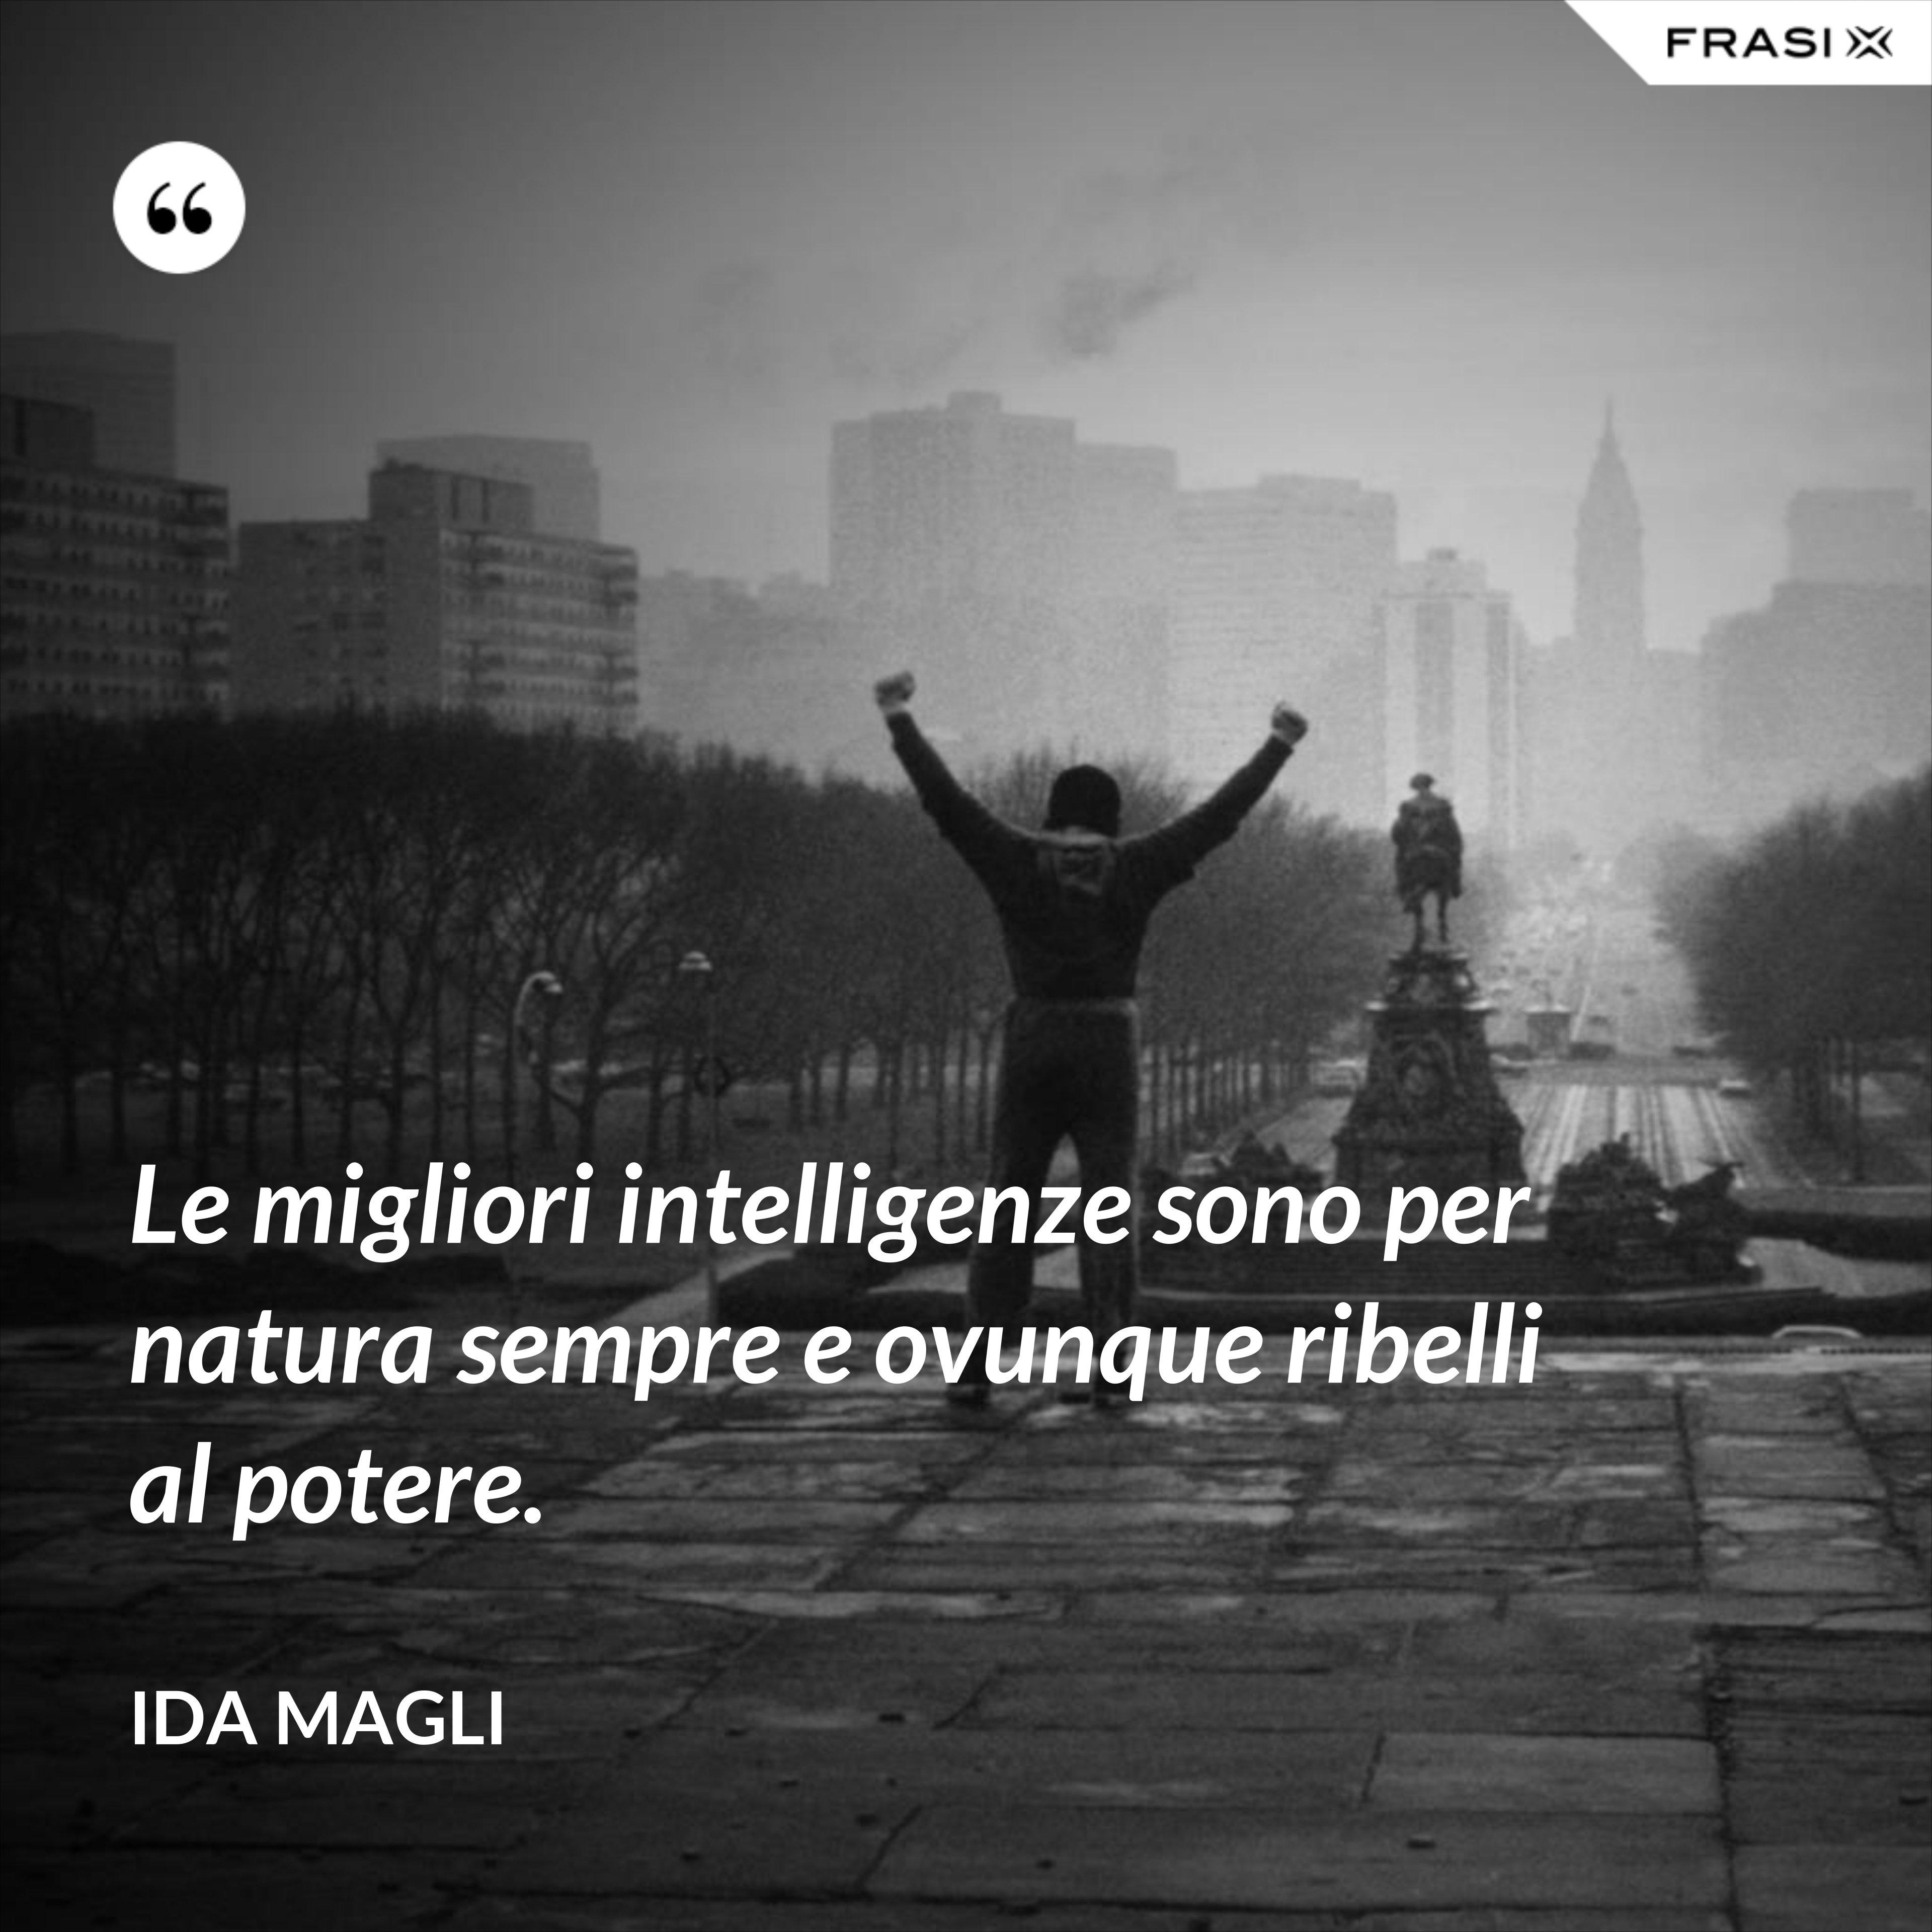 Le migliori intelligenze sono per natura sempre e ovunque ribelli al potere. - Ida Magli